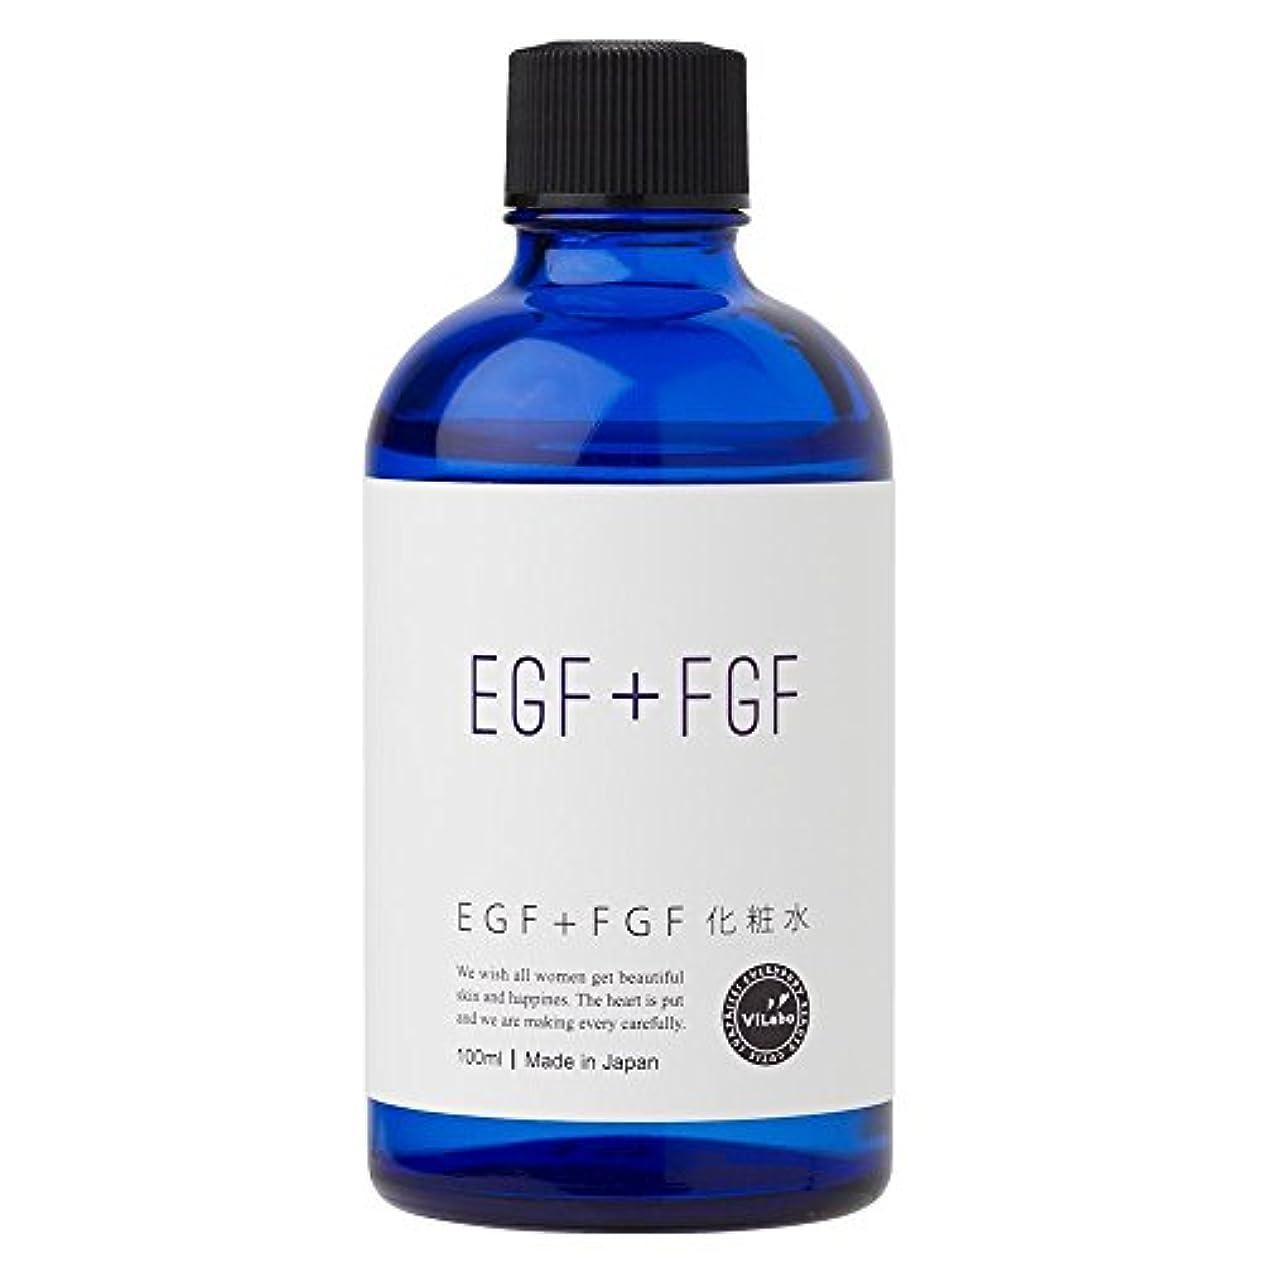 とても蒸平凡EGF+FGF化粧水-天然温泉水+高級美容成分の浸透型化粧水-品名:ハッピーローションEF ノンパラベン、アルコール、フェノキシエタノール、石油系合成界面活性剤無添加 (ボトルタイプ100ml)